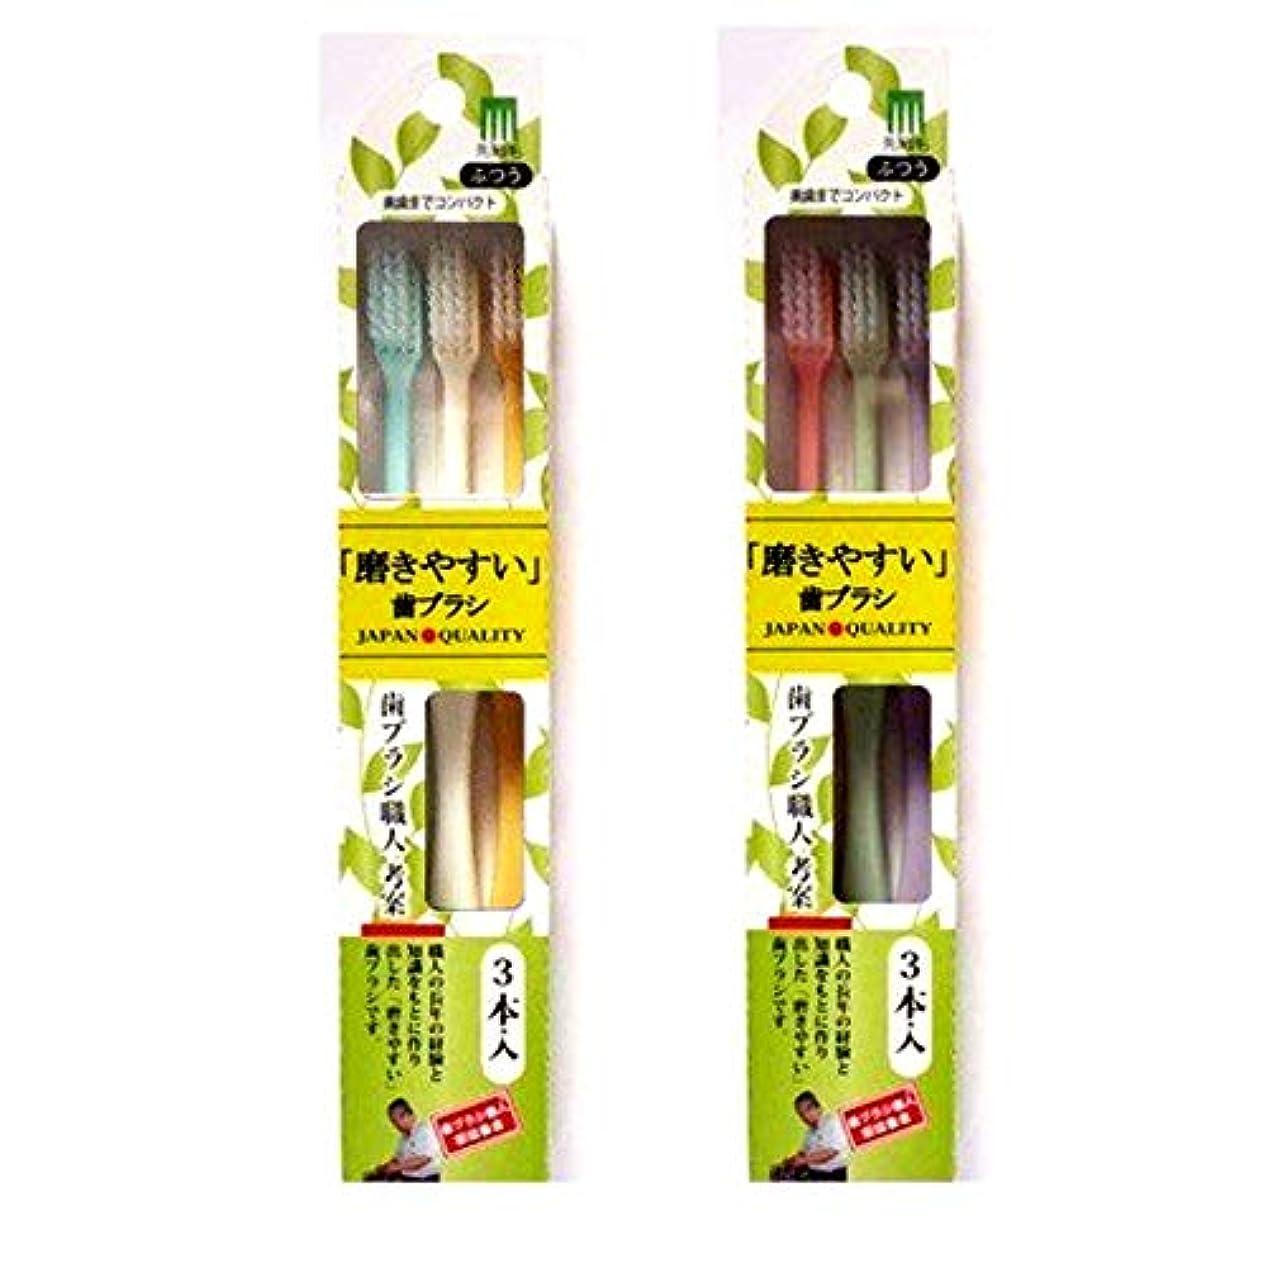 受賞悪化させる確保する磨きやすい歯ブラシ (先細毛) 奥までコンパクト3本組 ELT-1 (色選択不可)